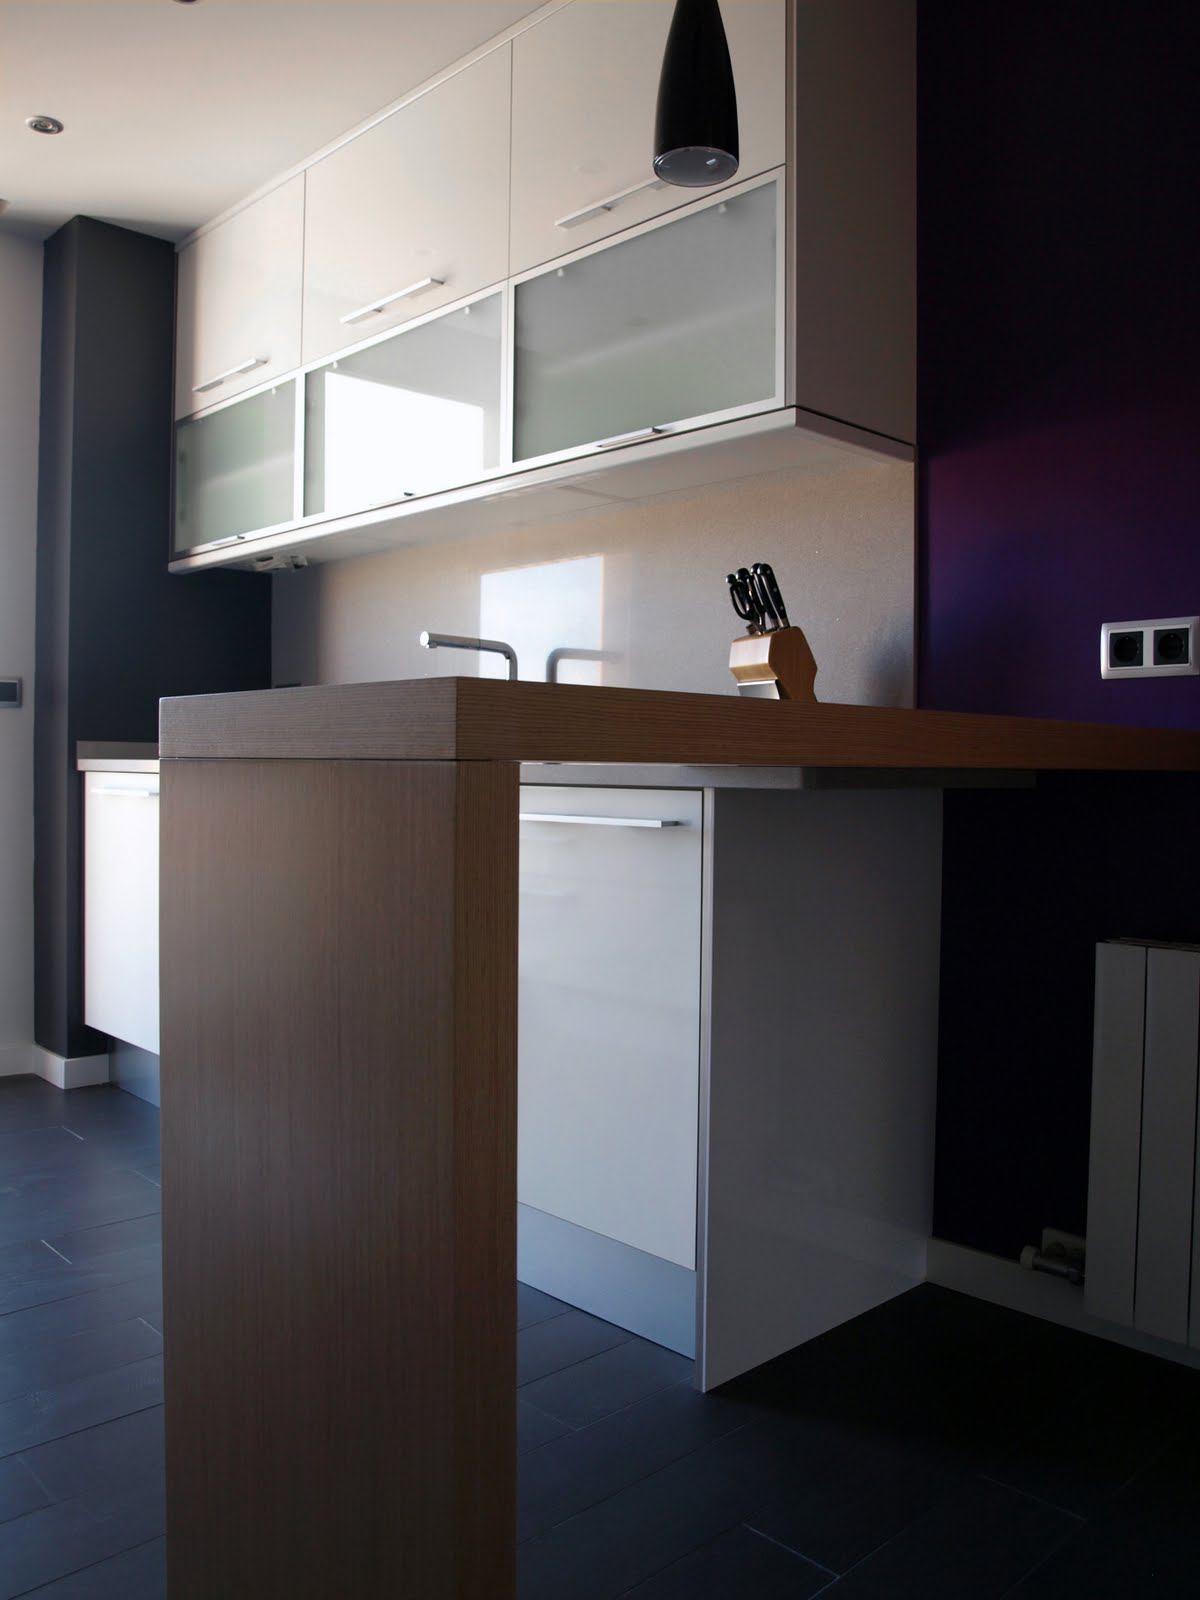 Cocina en paralelo con barra decoraci n for Distribucion cocina en paralelo